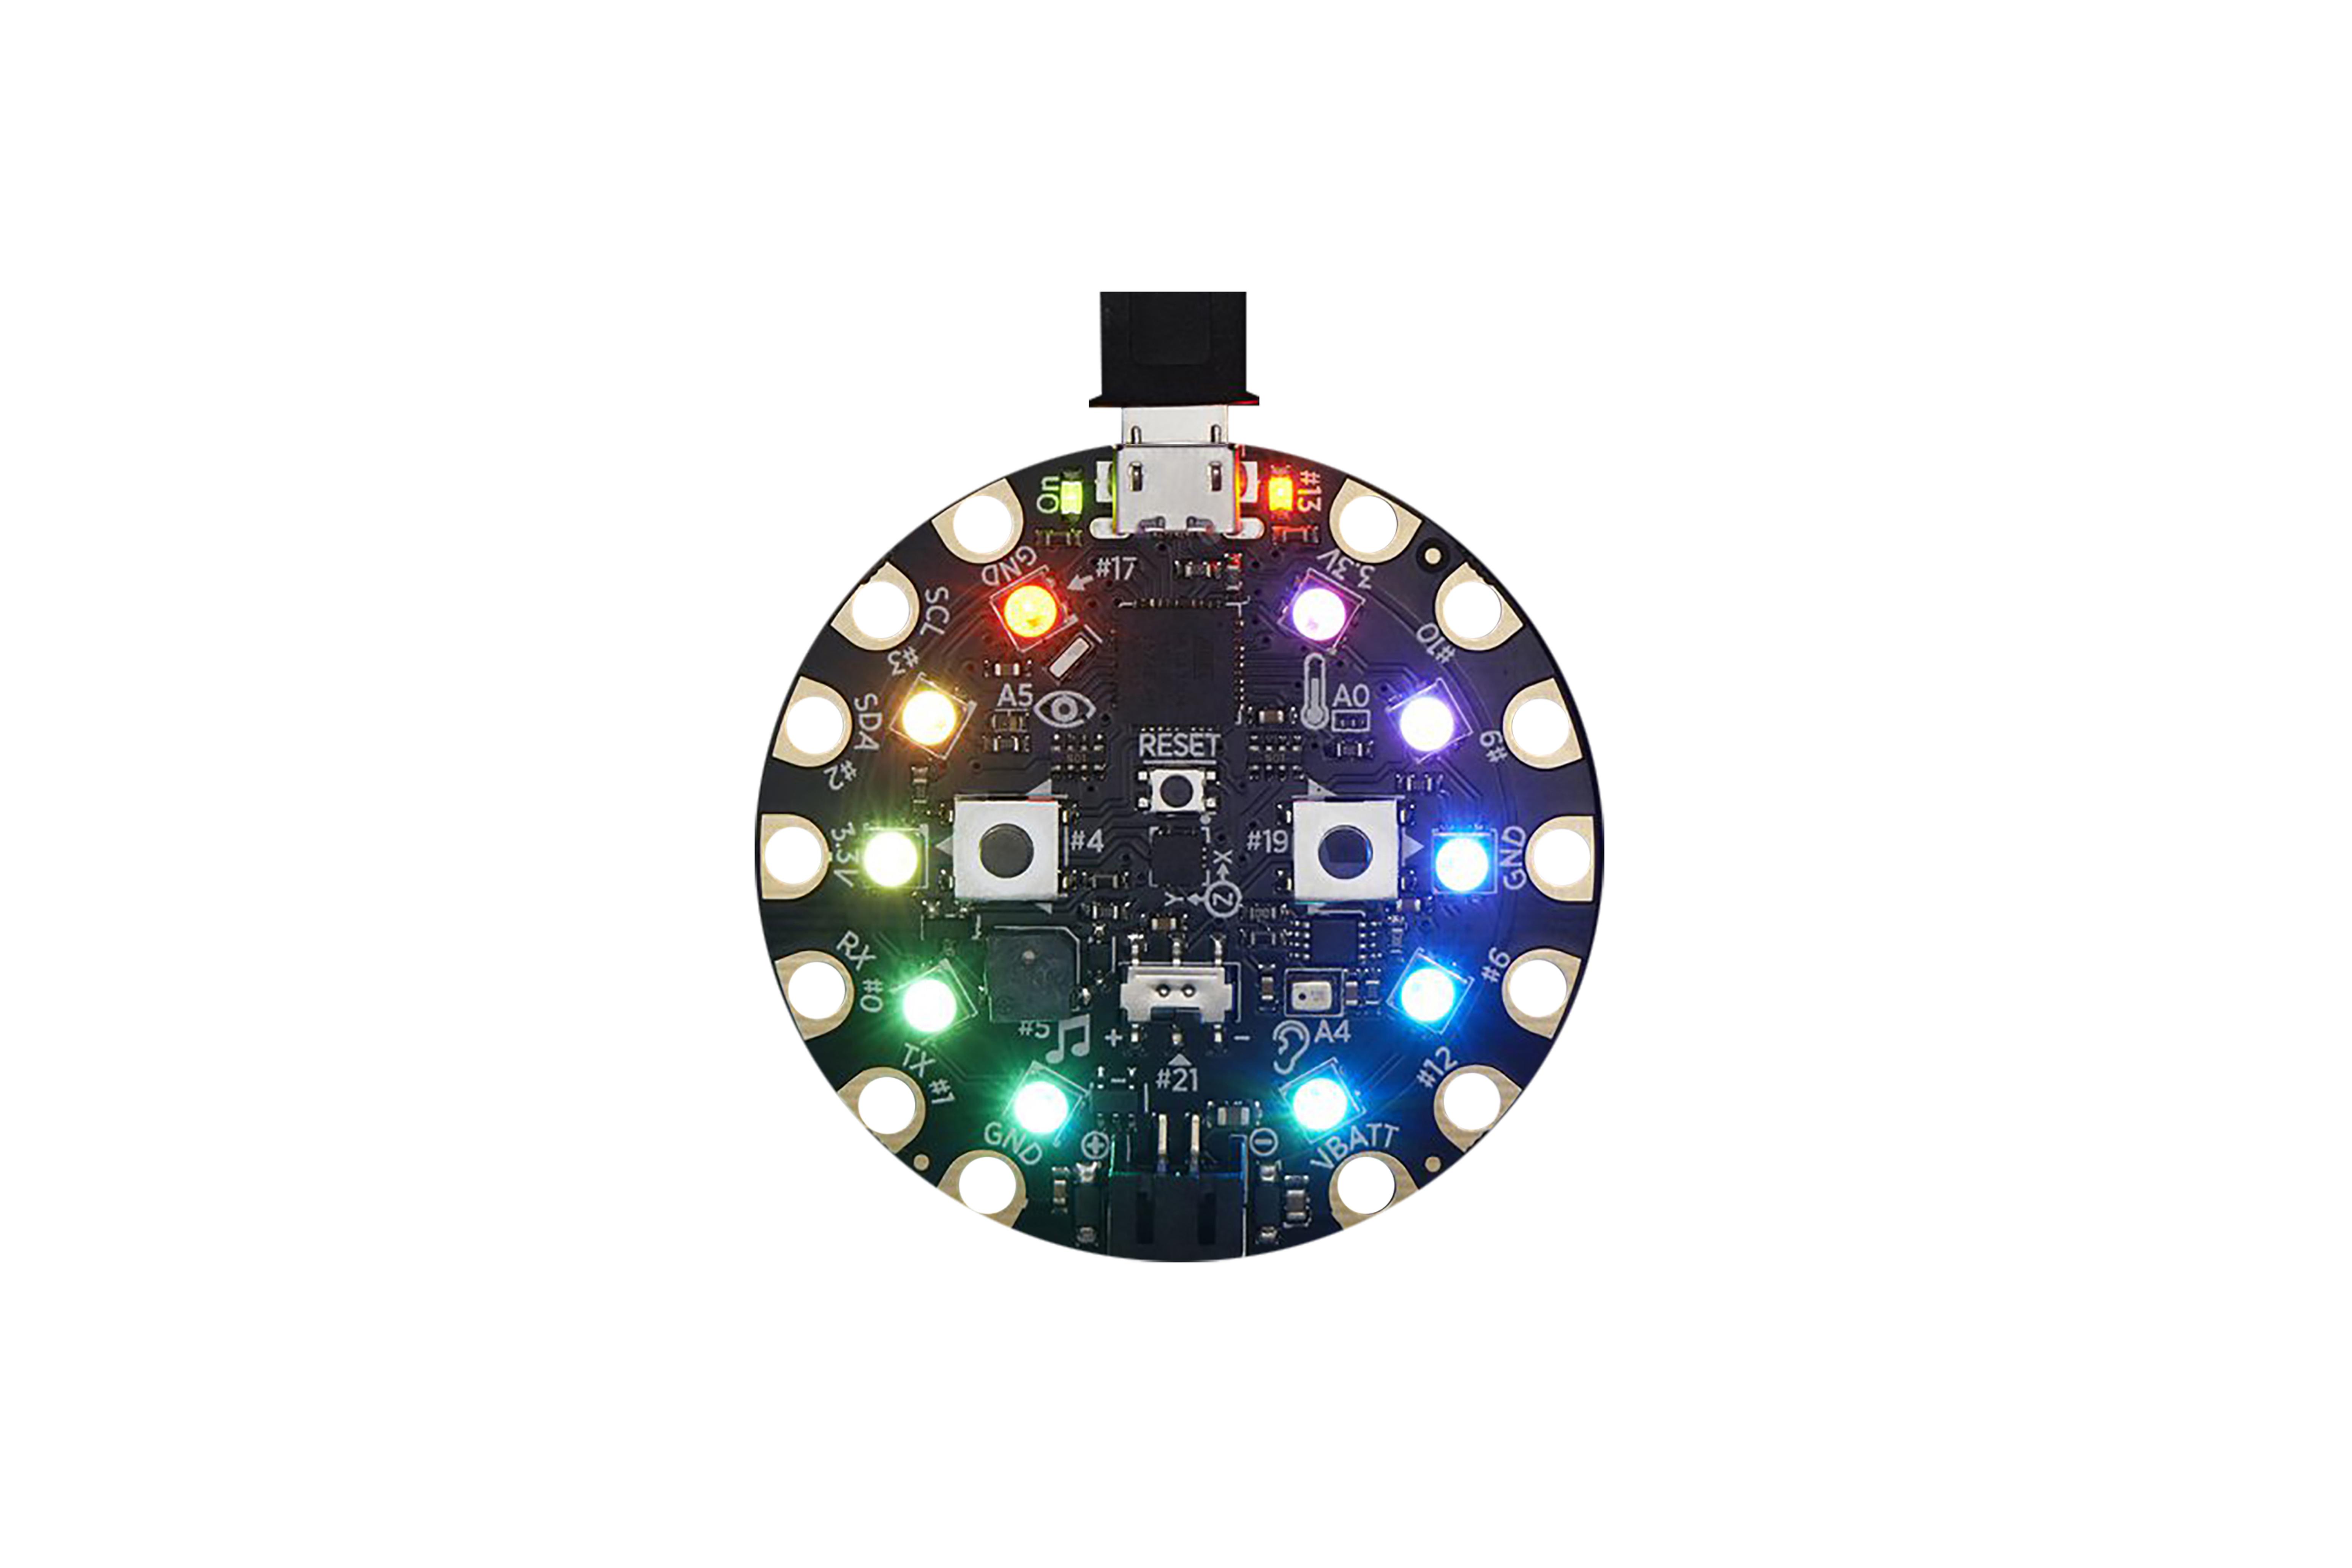 Kit per sviluppatori Circuit Playground